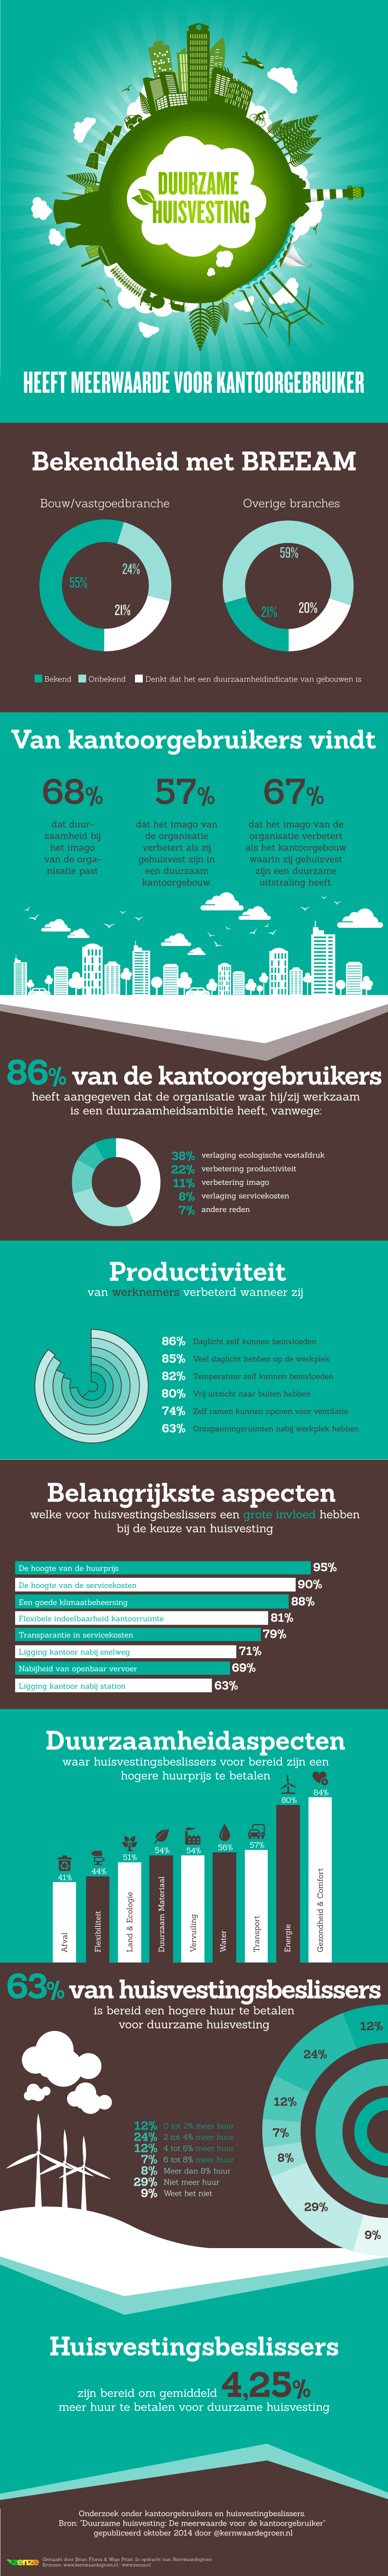 Infographic Duurzame huisvesting heeft meerwaarde voor kantoorgebruiker